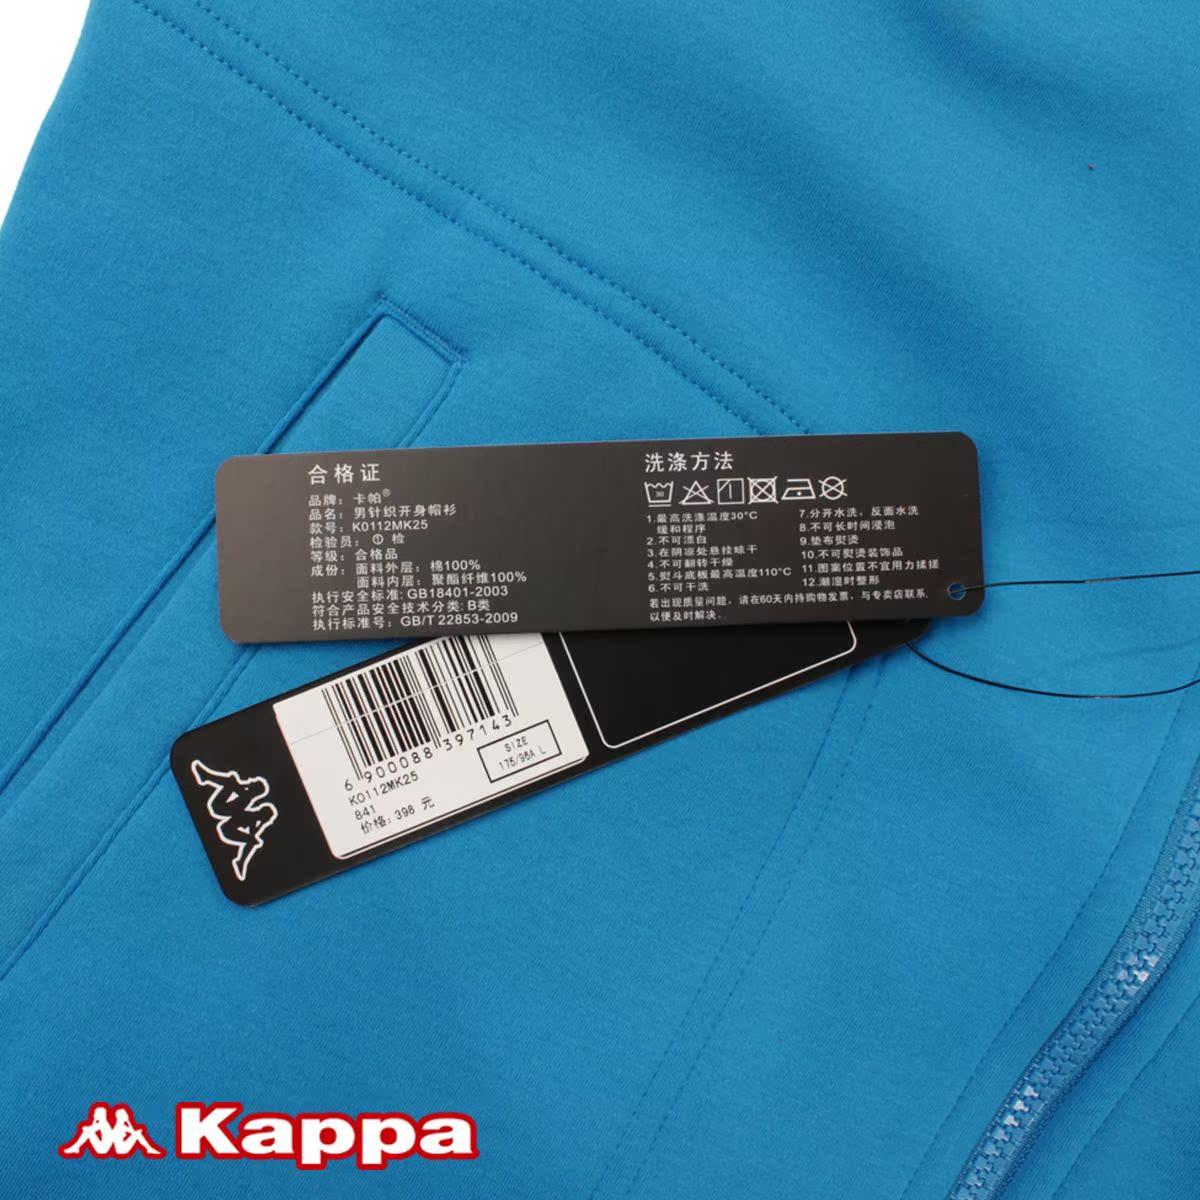 Спортивная толстовка Kappa k0112mk25/841 K0112MK25-841 Мужская Кардиган CVC Спорт и отдых Воздухопроницаемые Зима 2011